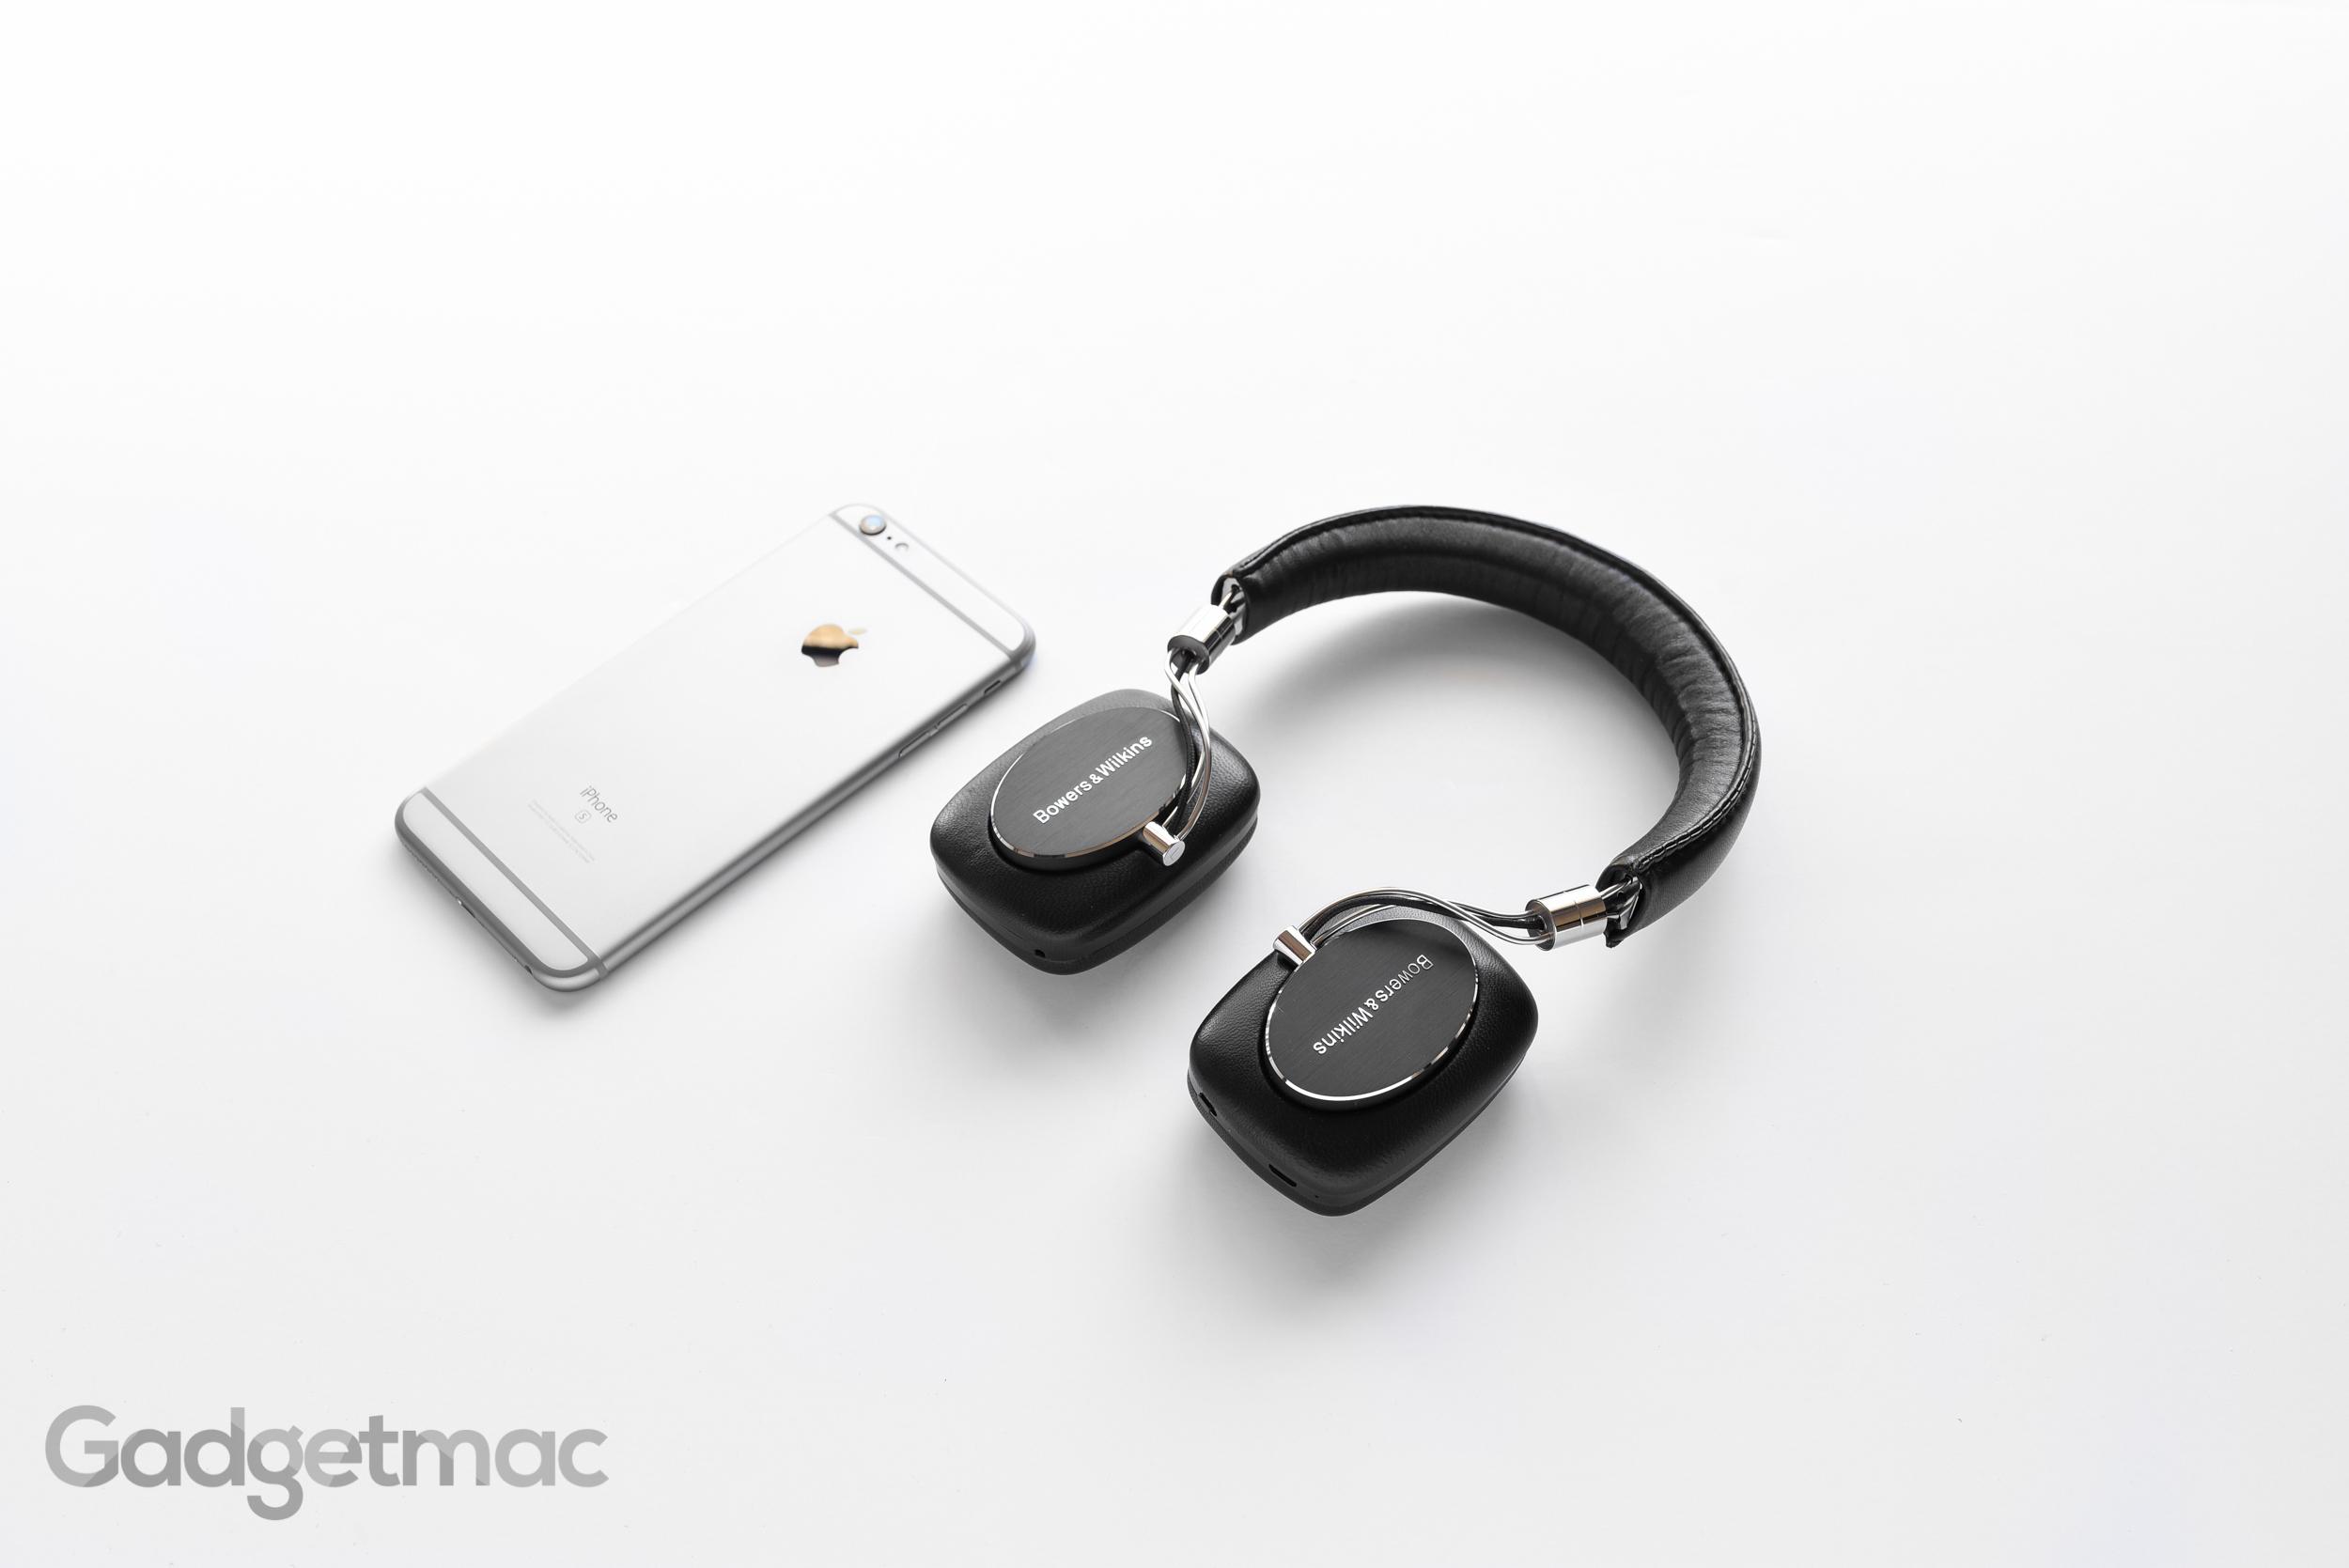 bowers-wilkins-p5-wireless-headphones-iphone.jpg